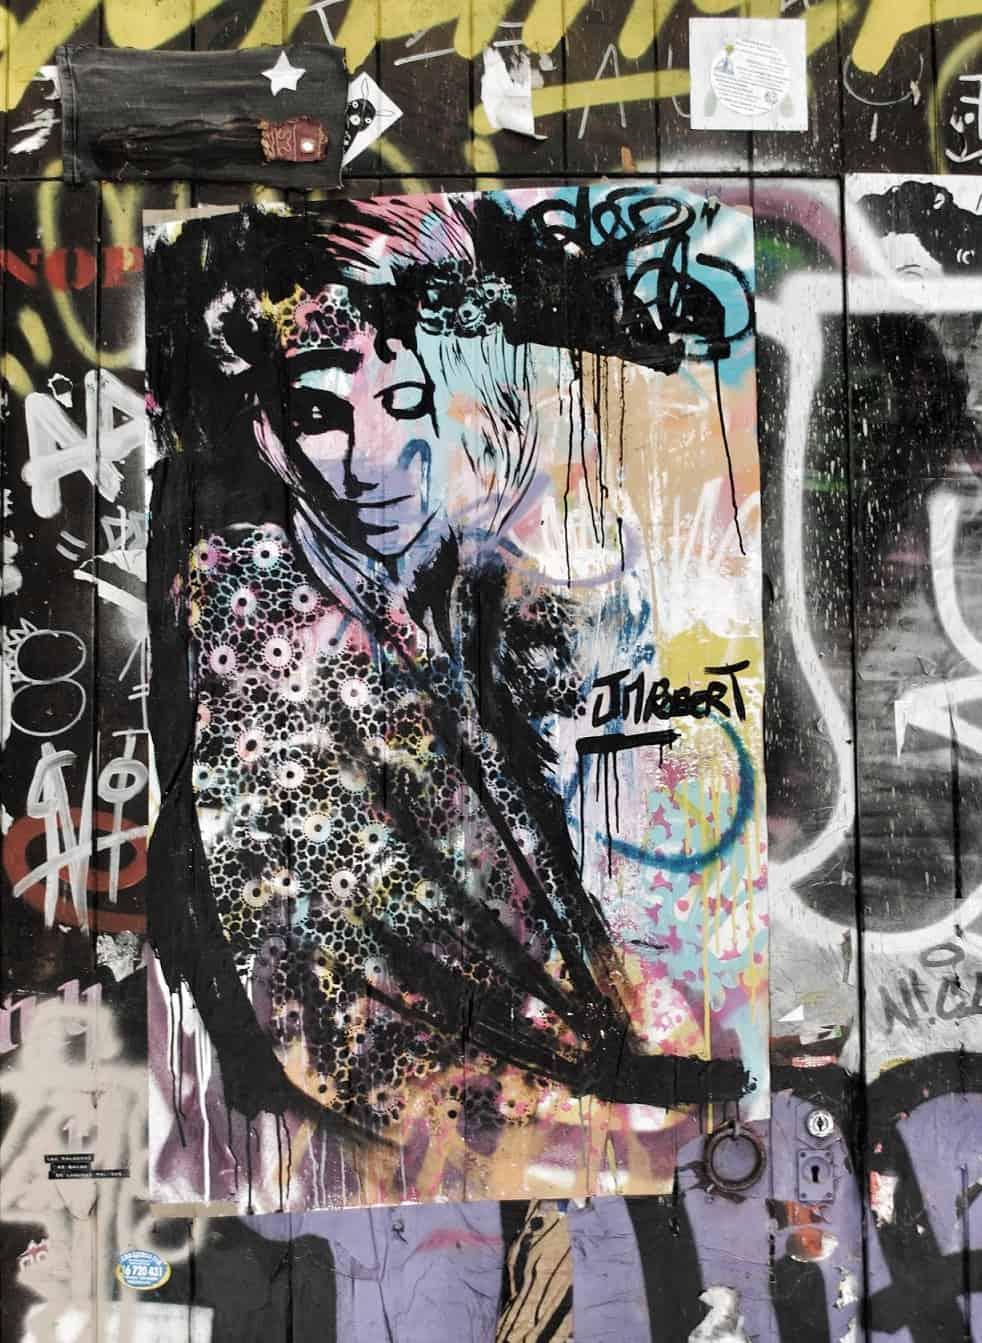 Barcelona Street Art, Carrer De La Palma Sant Just